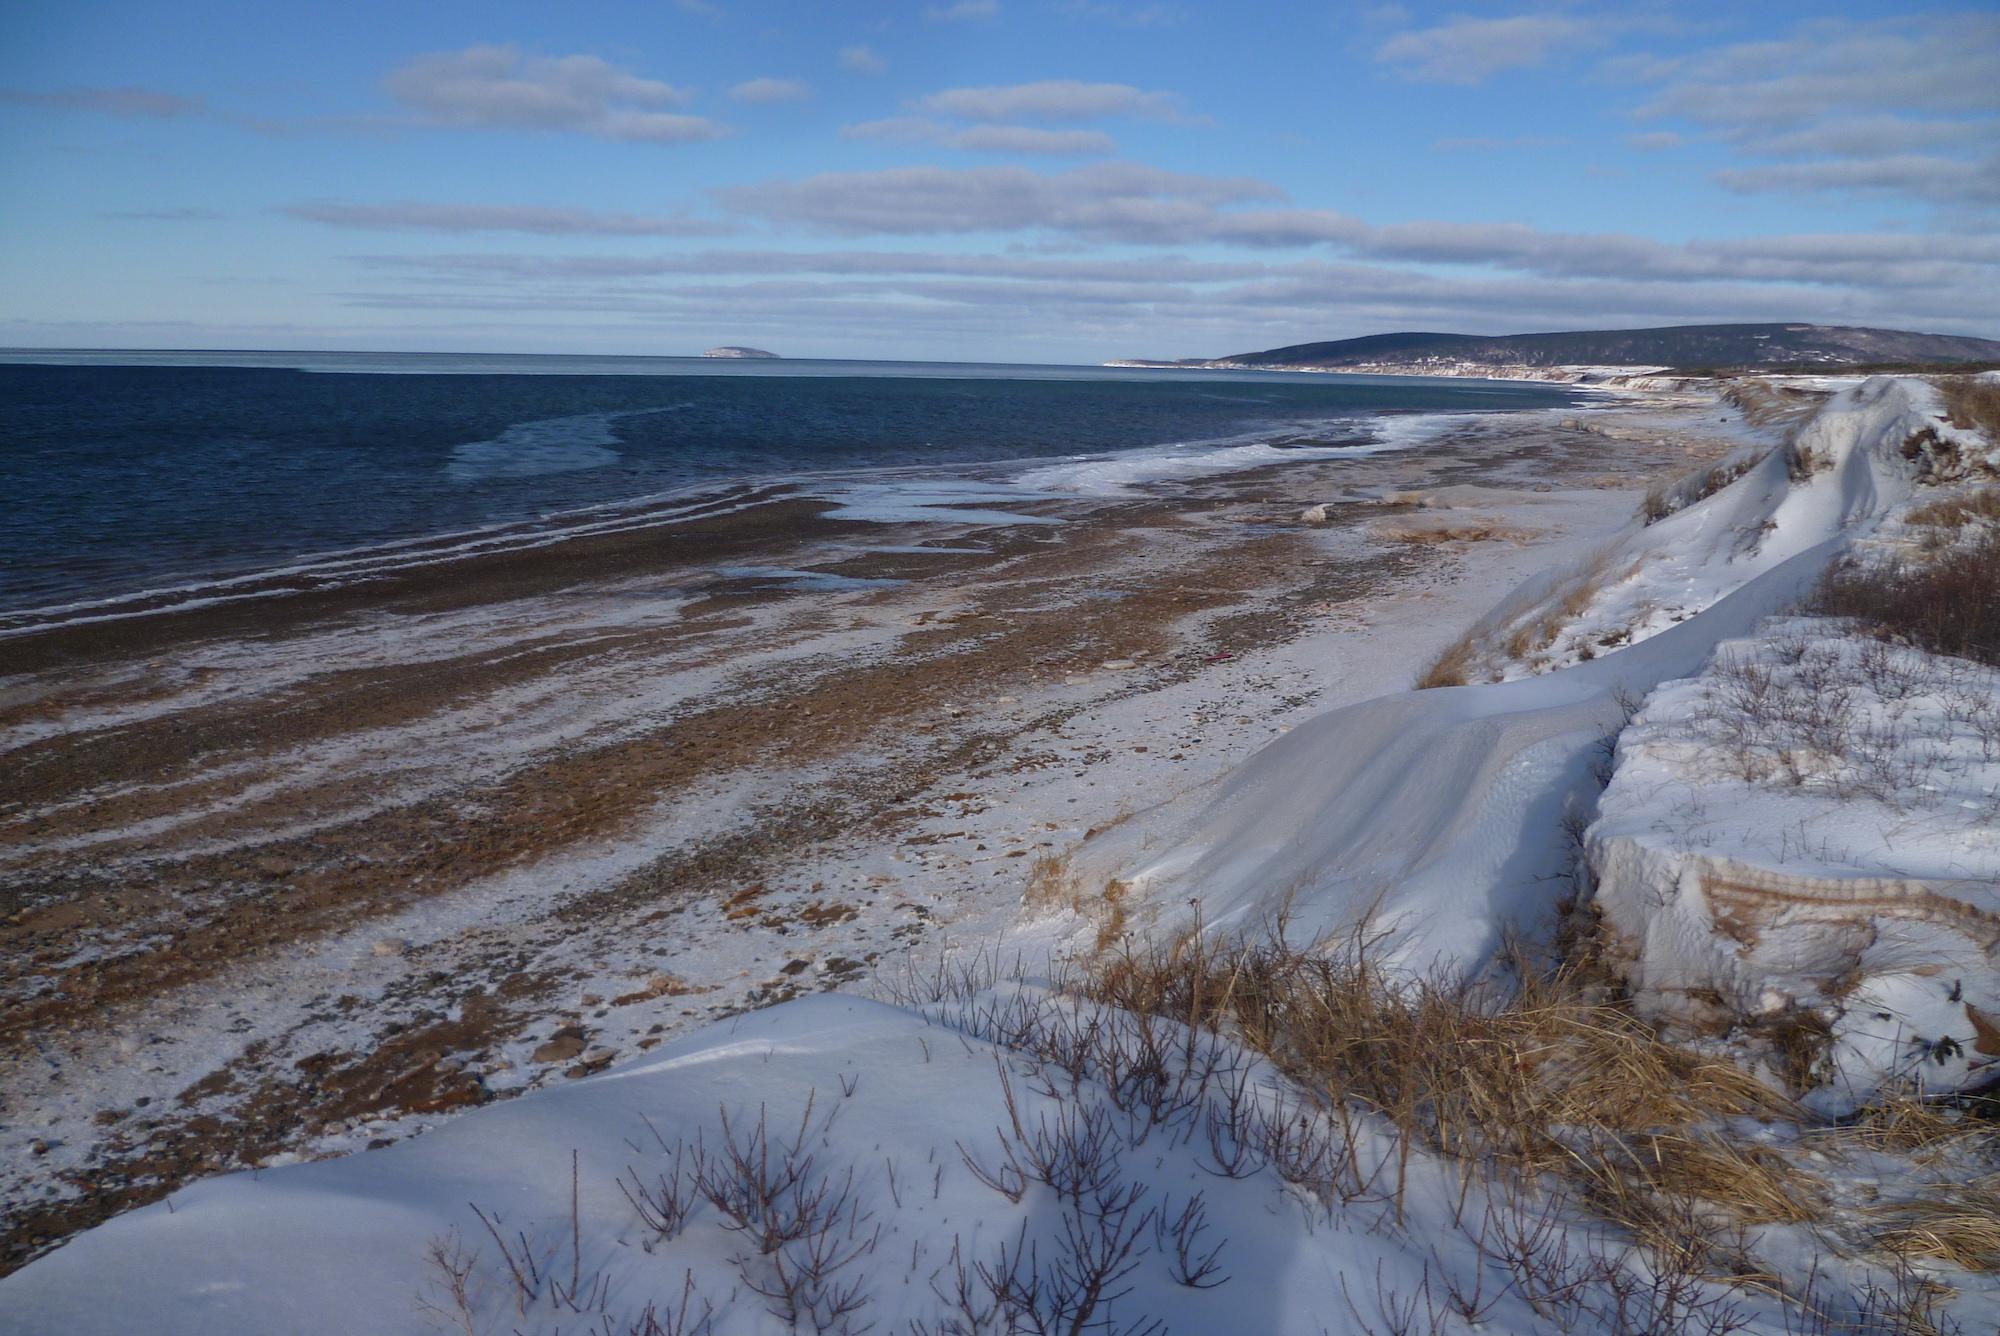 Hiver au Canada - Plage d'Inverness - Cap Breton, Nouvelle-Ecosse 4